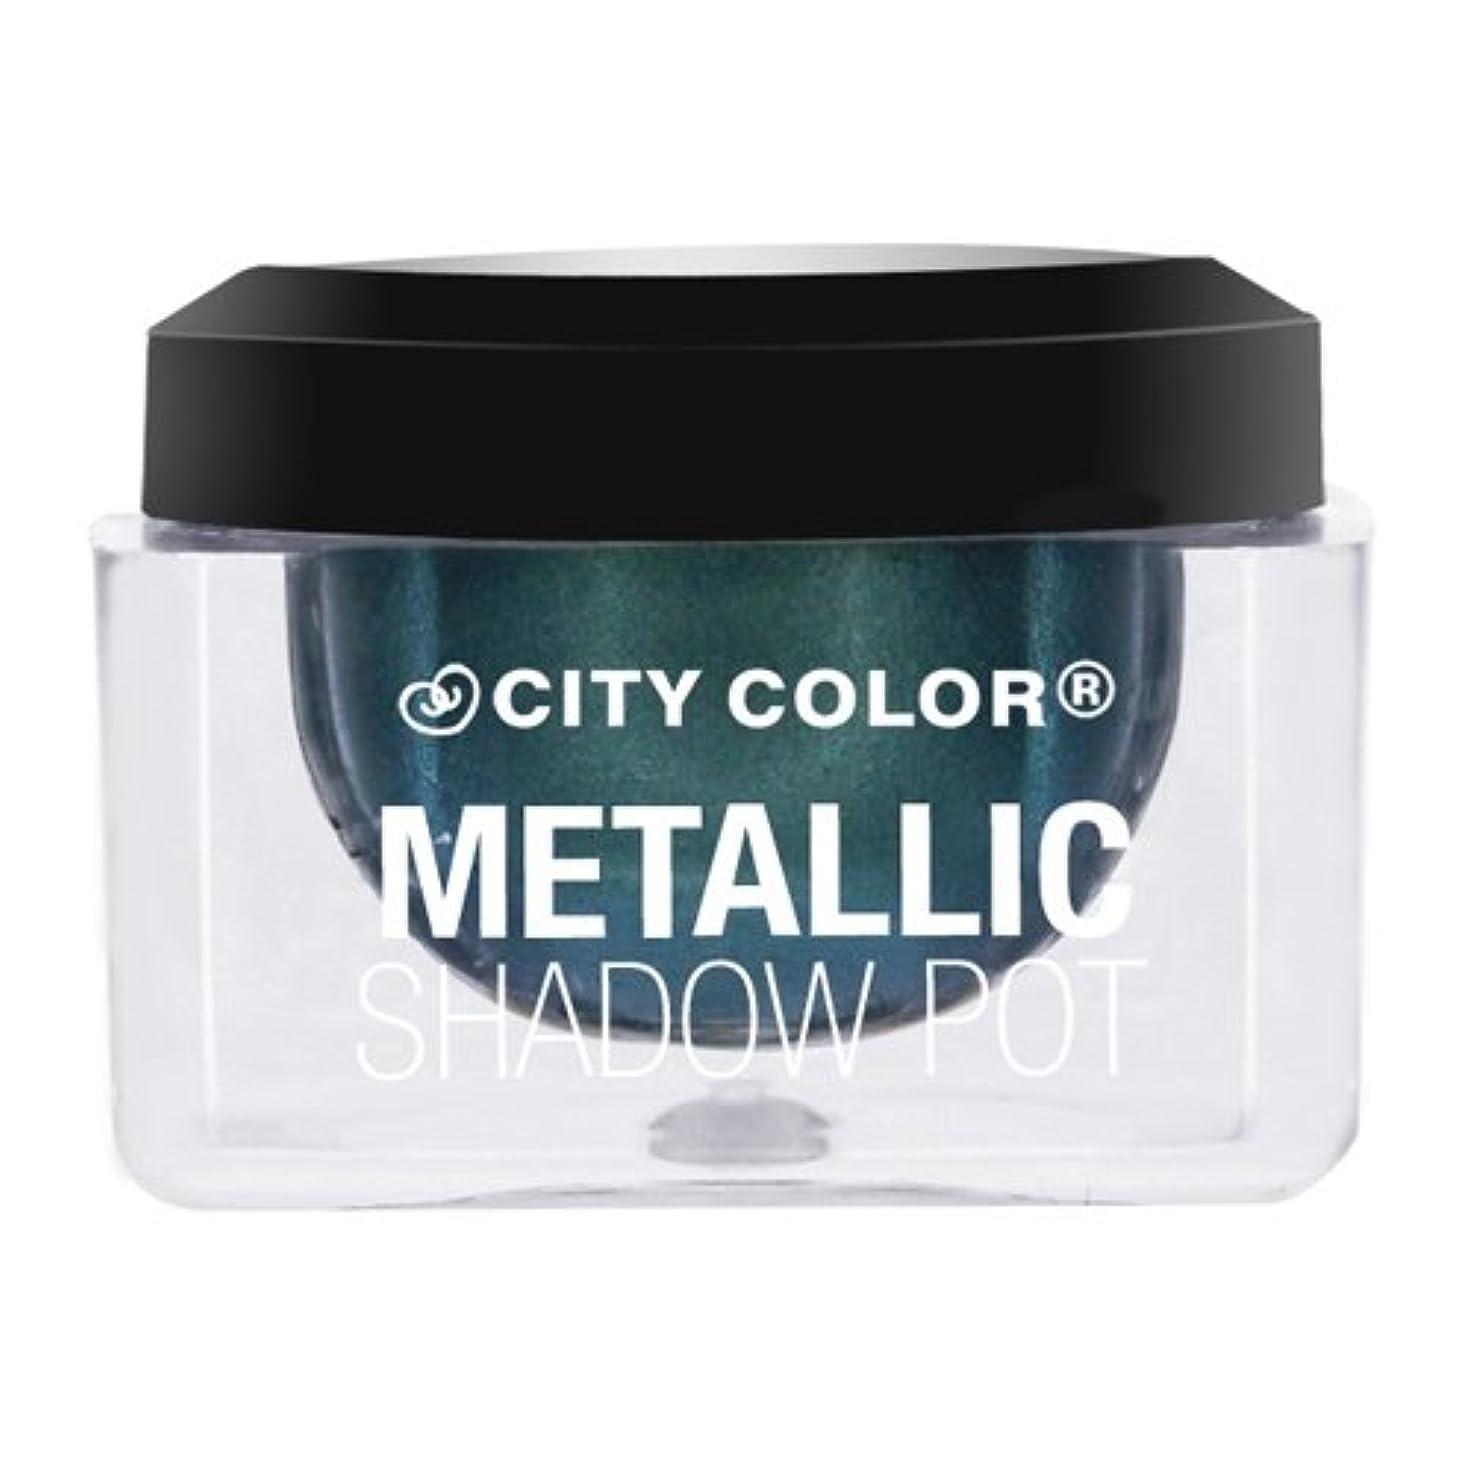 ラウンジペネロペギネス(6 Pack) CITY COLOR Metallic Shadow Pot - Meteor Shower (並行輸入品)